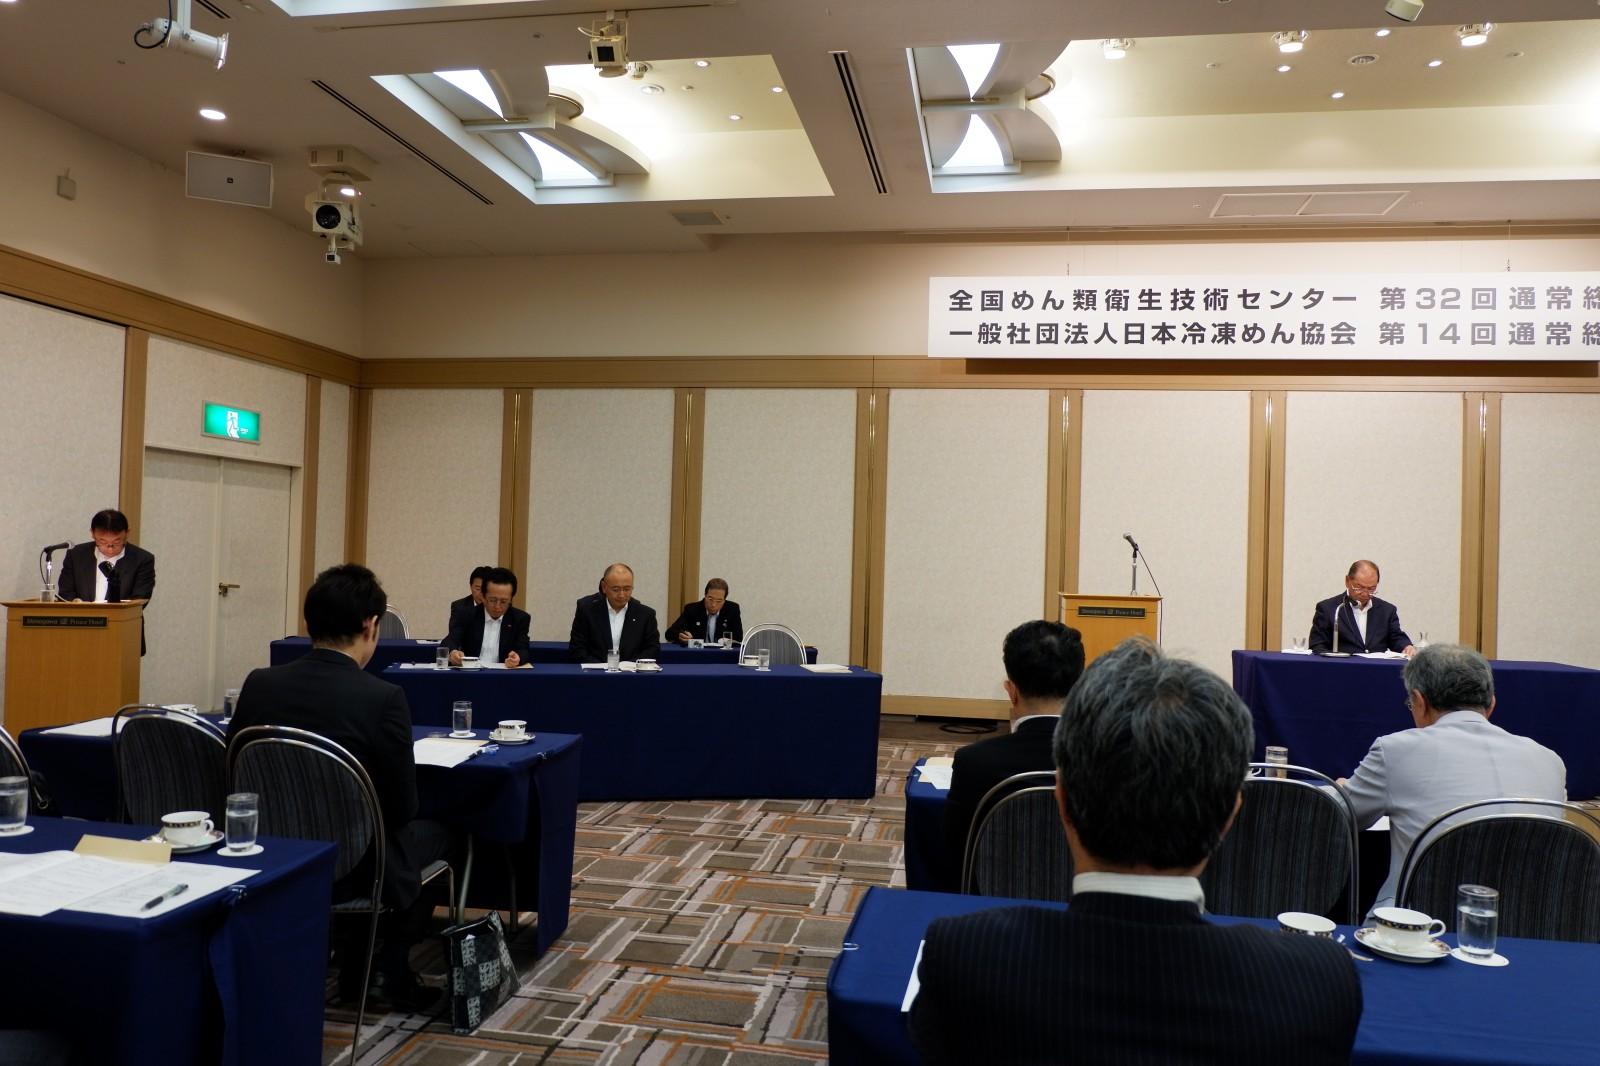 日本冷凍めん協会総会、安全・安心が第一義、冷凍めんの品質保証体制さらに強化